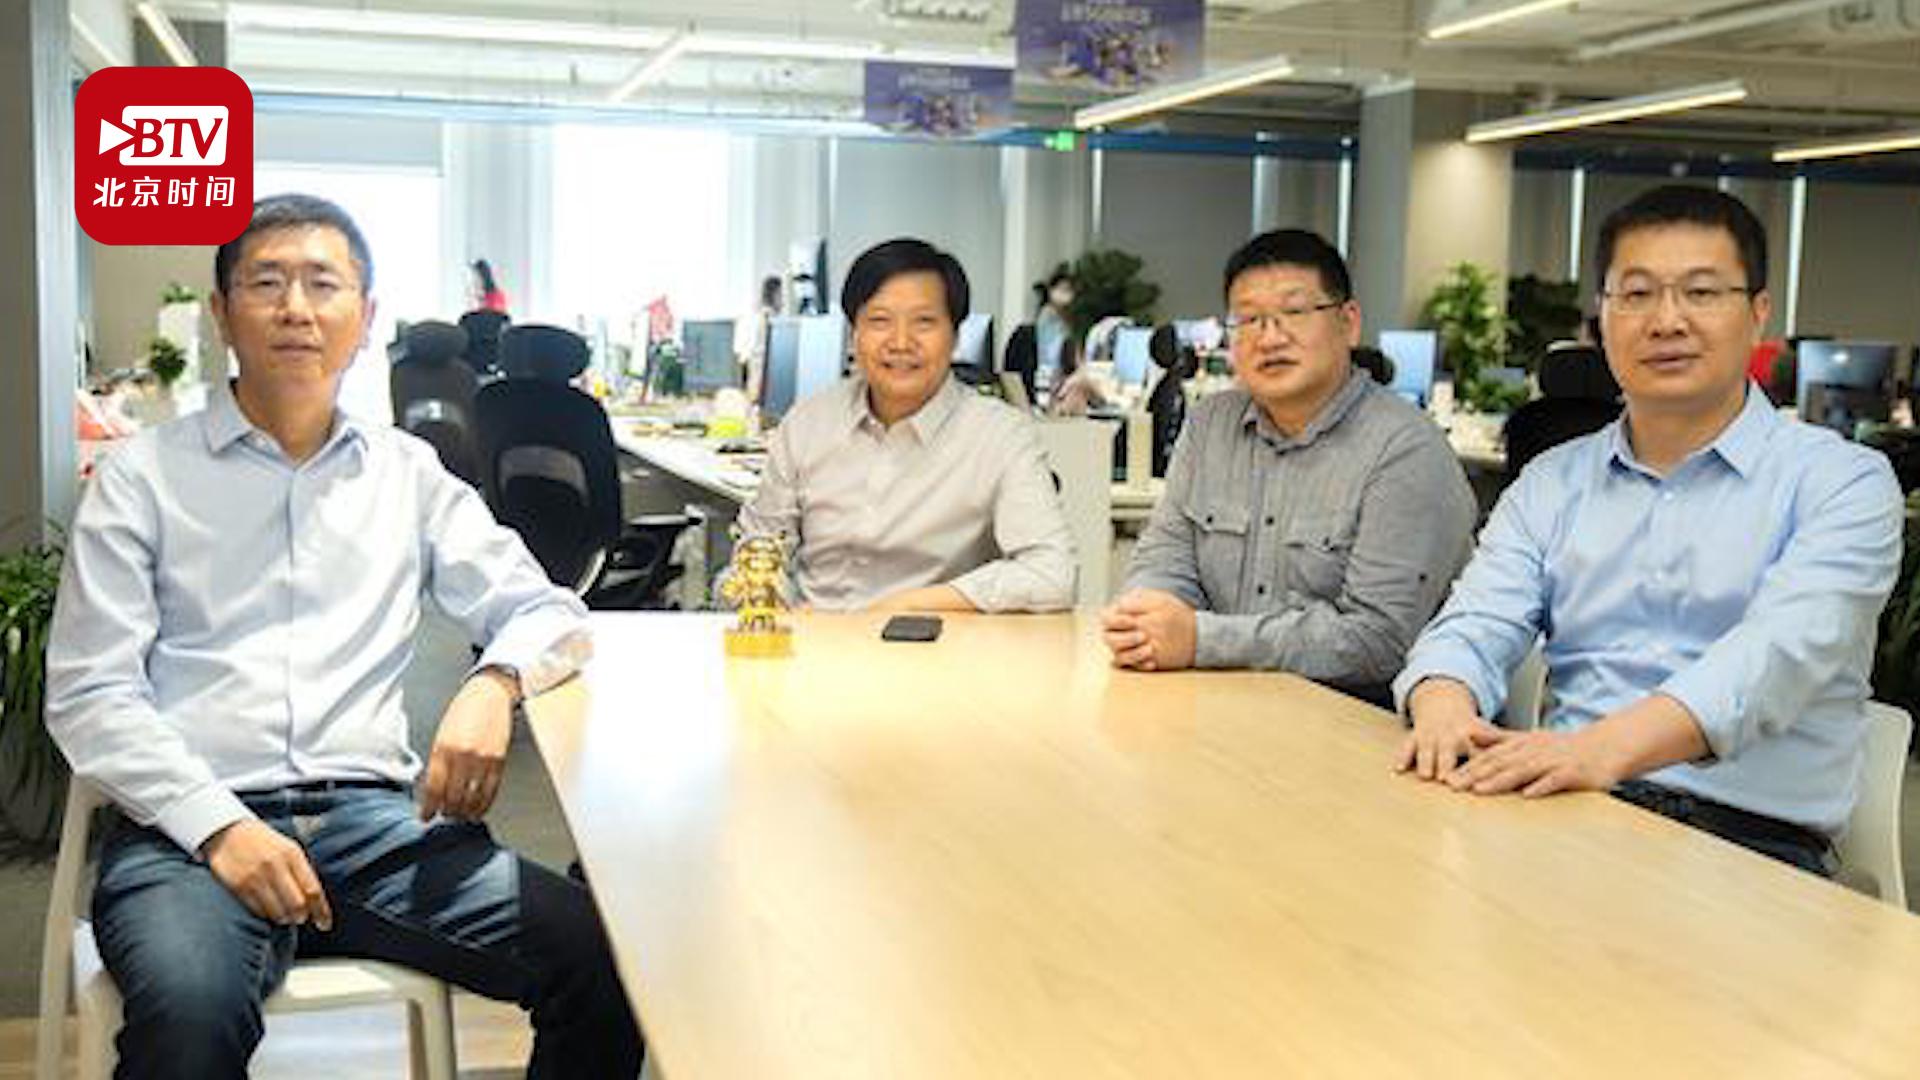 杨柘出任小米中国区CMO 曾在三星 华为 TCL 魅族负责营销 他能带给小米什么不同吗?